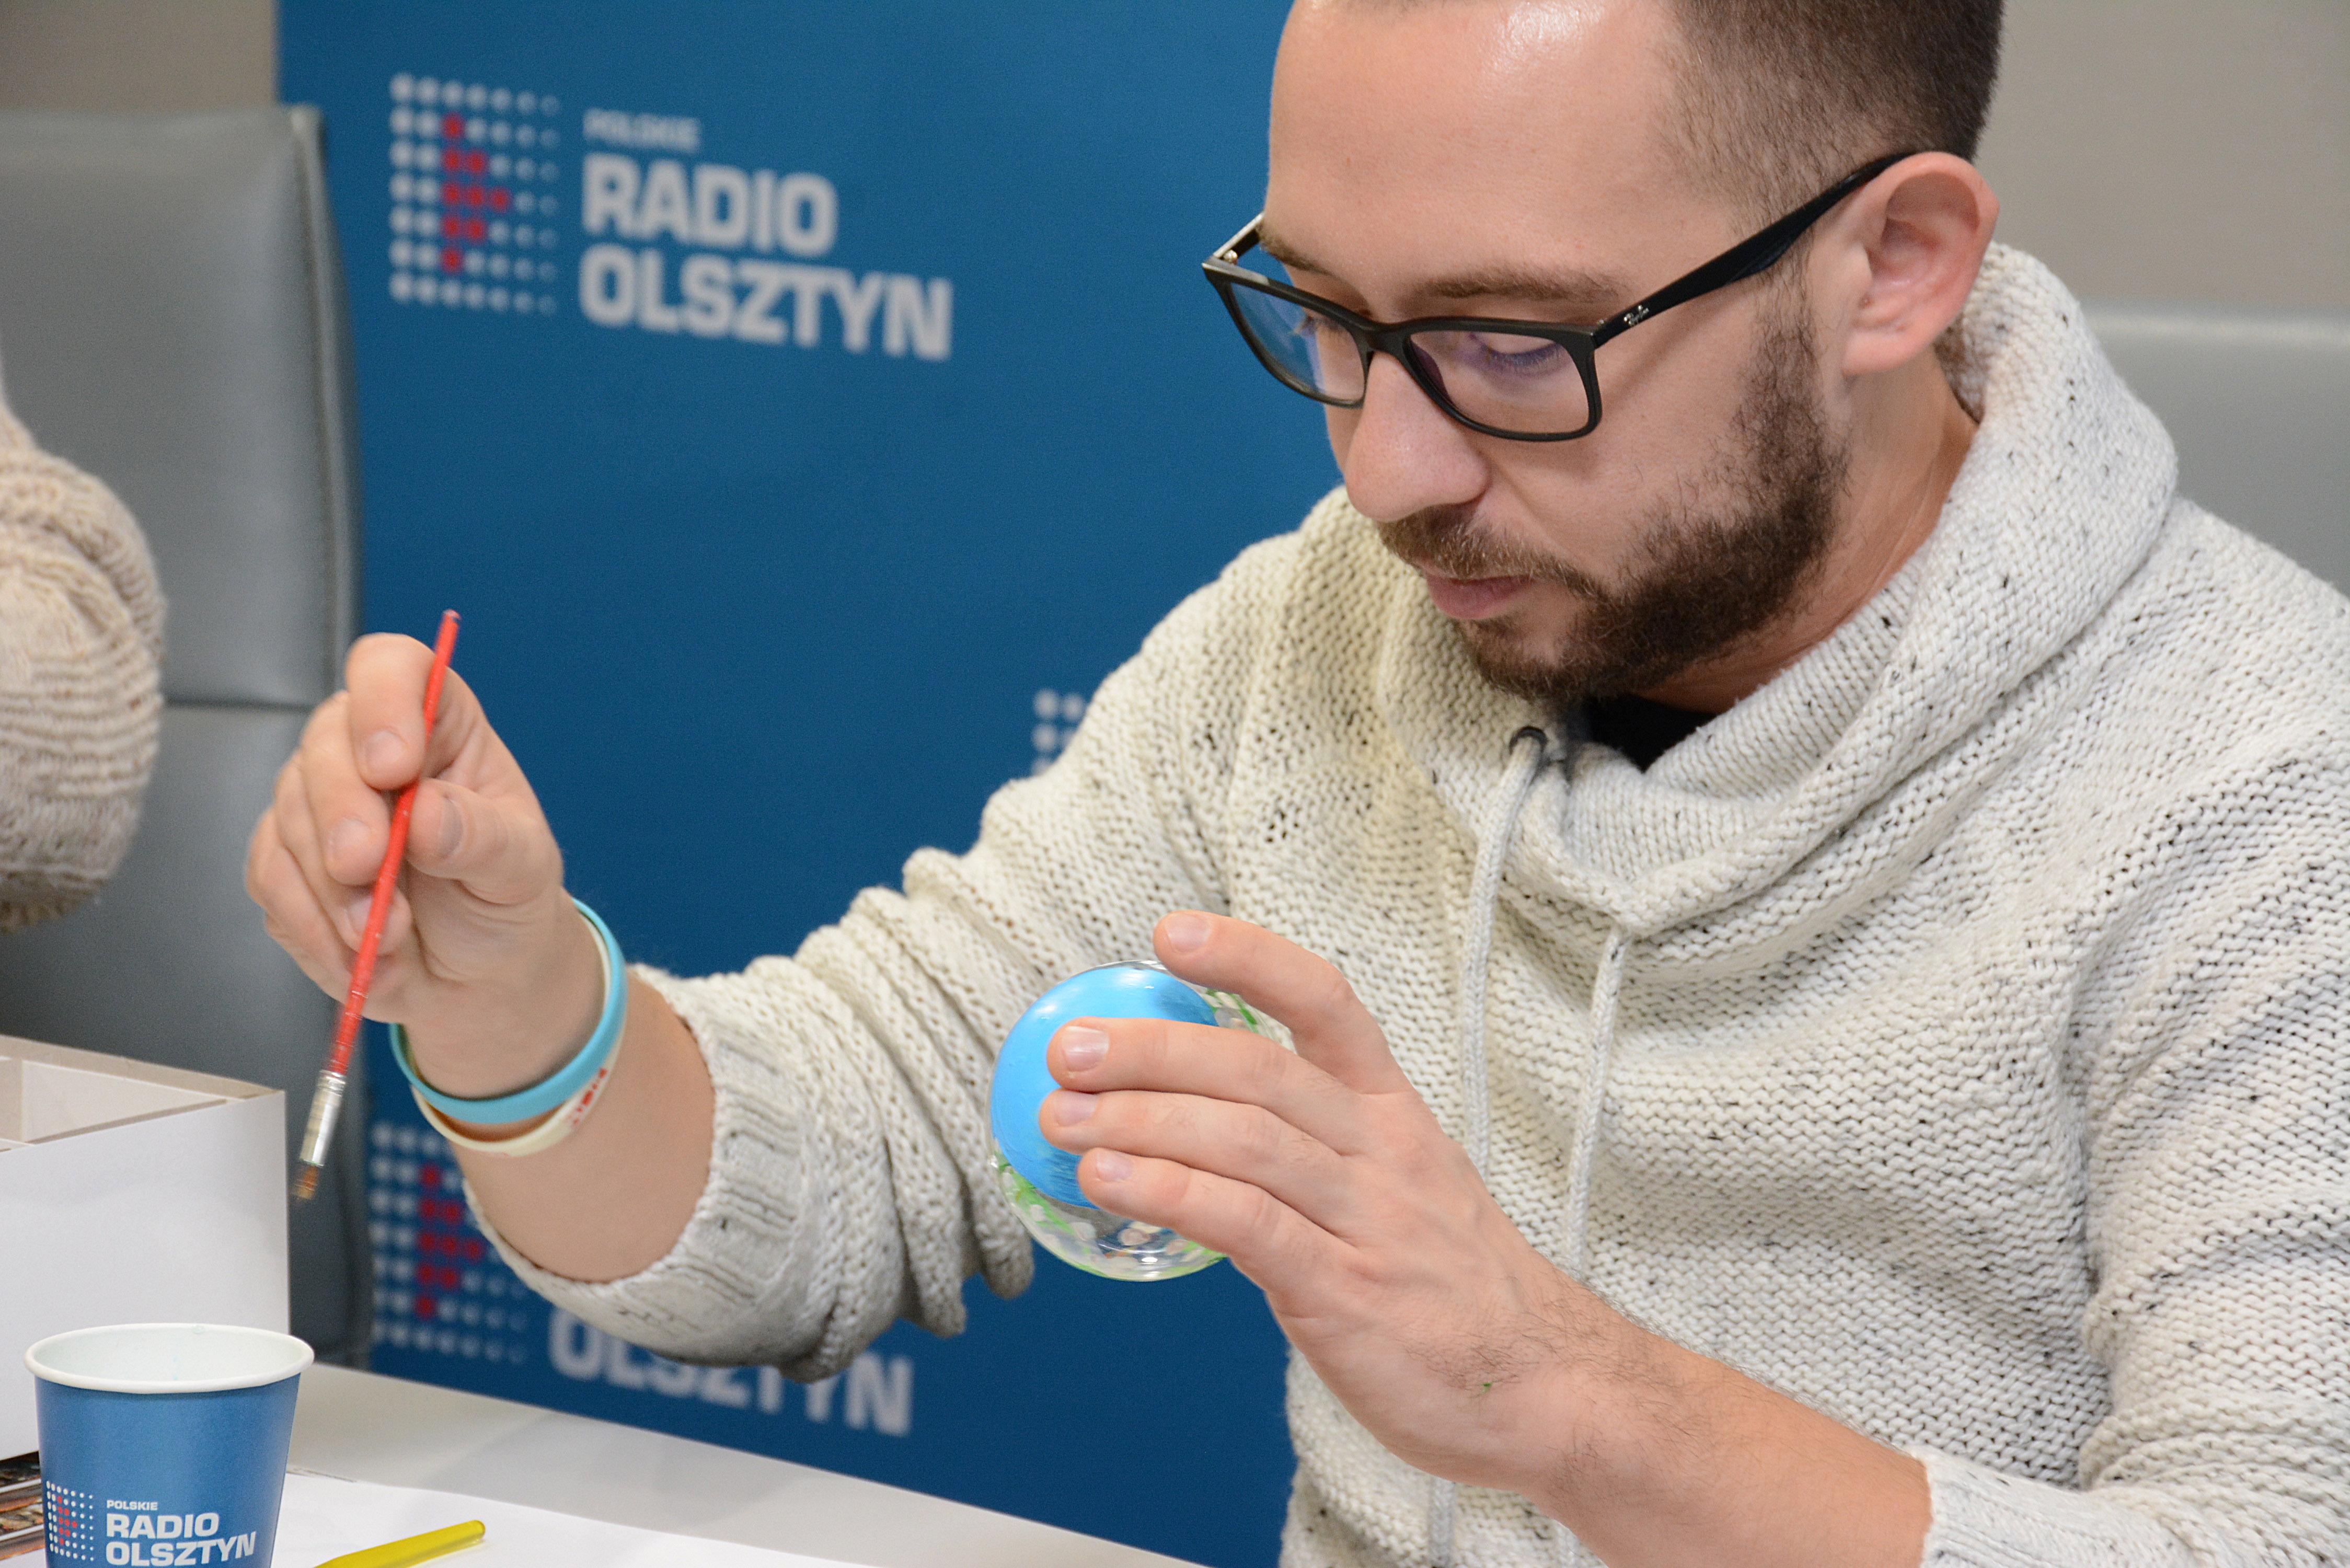 Mecz Czarni Olecko - Vgoria Wgorzewo - Imprezy - ZOlecka